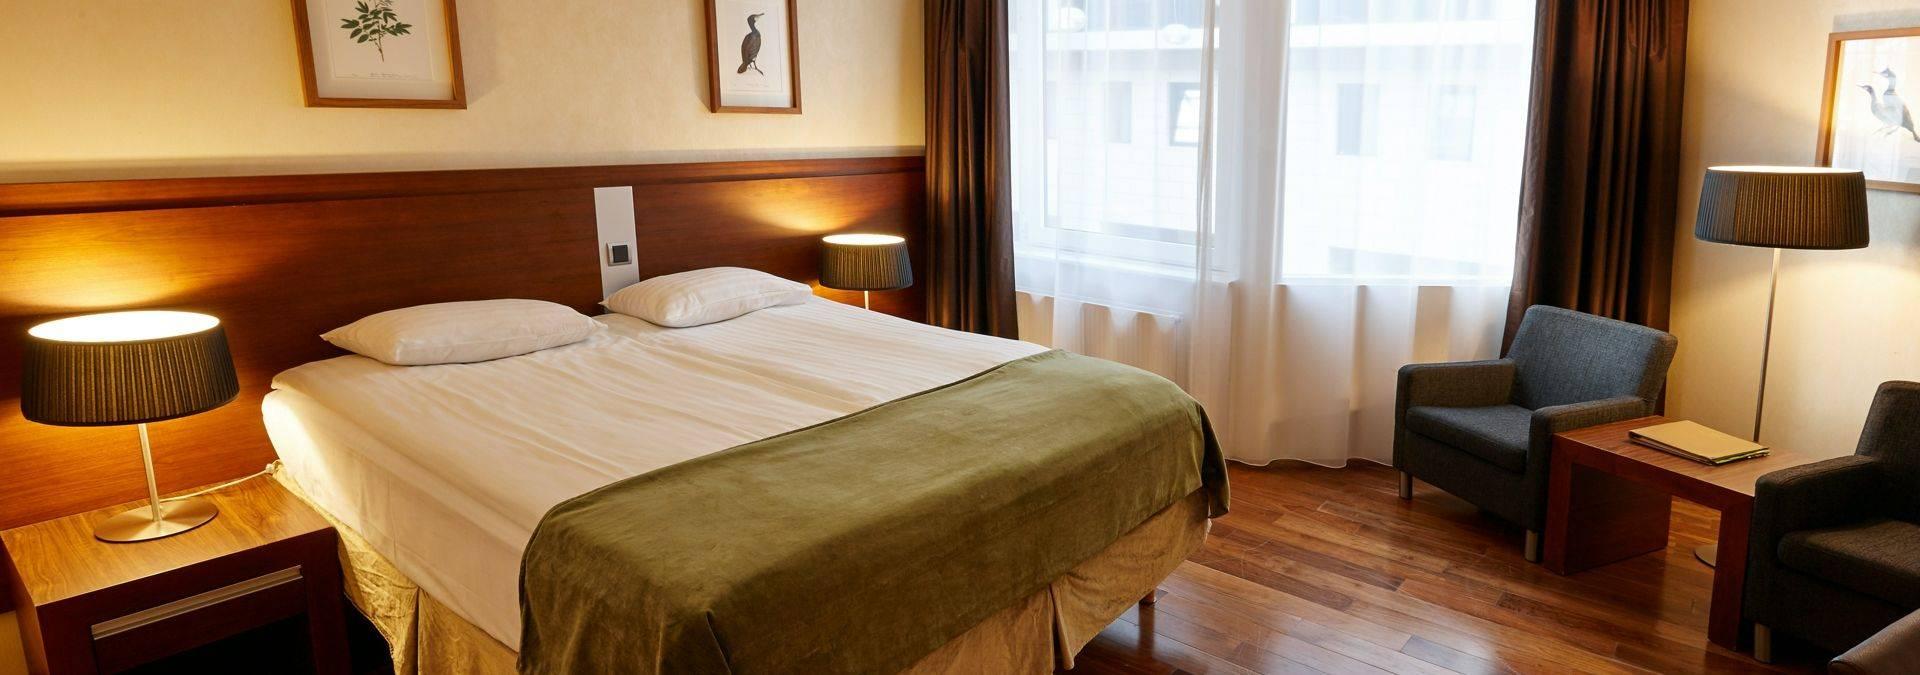 Atrium Room   Grand Hotel 31150464112 O